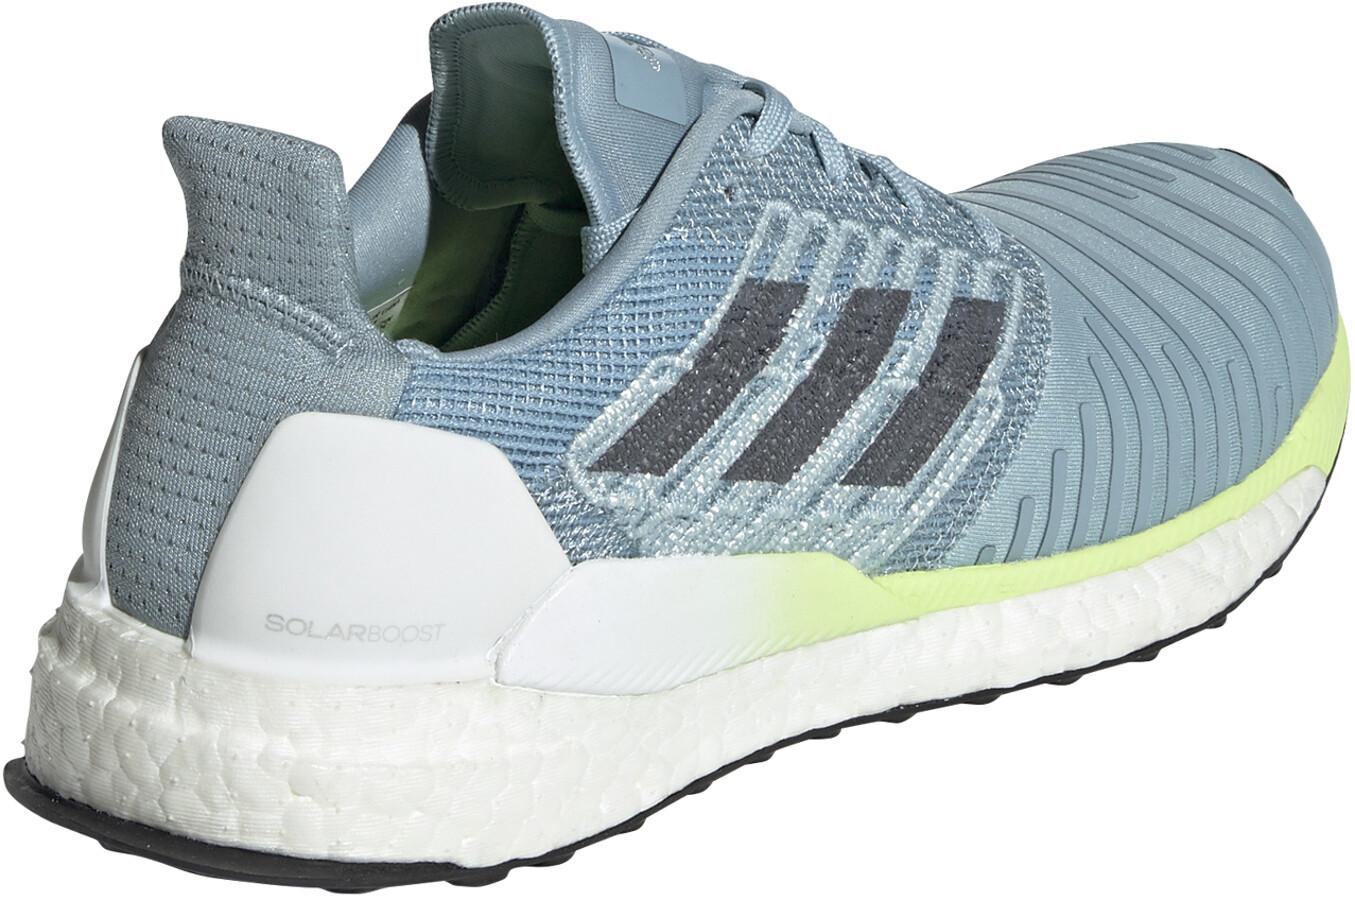 Da Adidas DonnaAsh Greyonixhi Scarpe Corsa Solar Boost Res v0wm8nNO